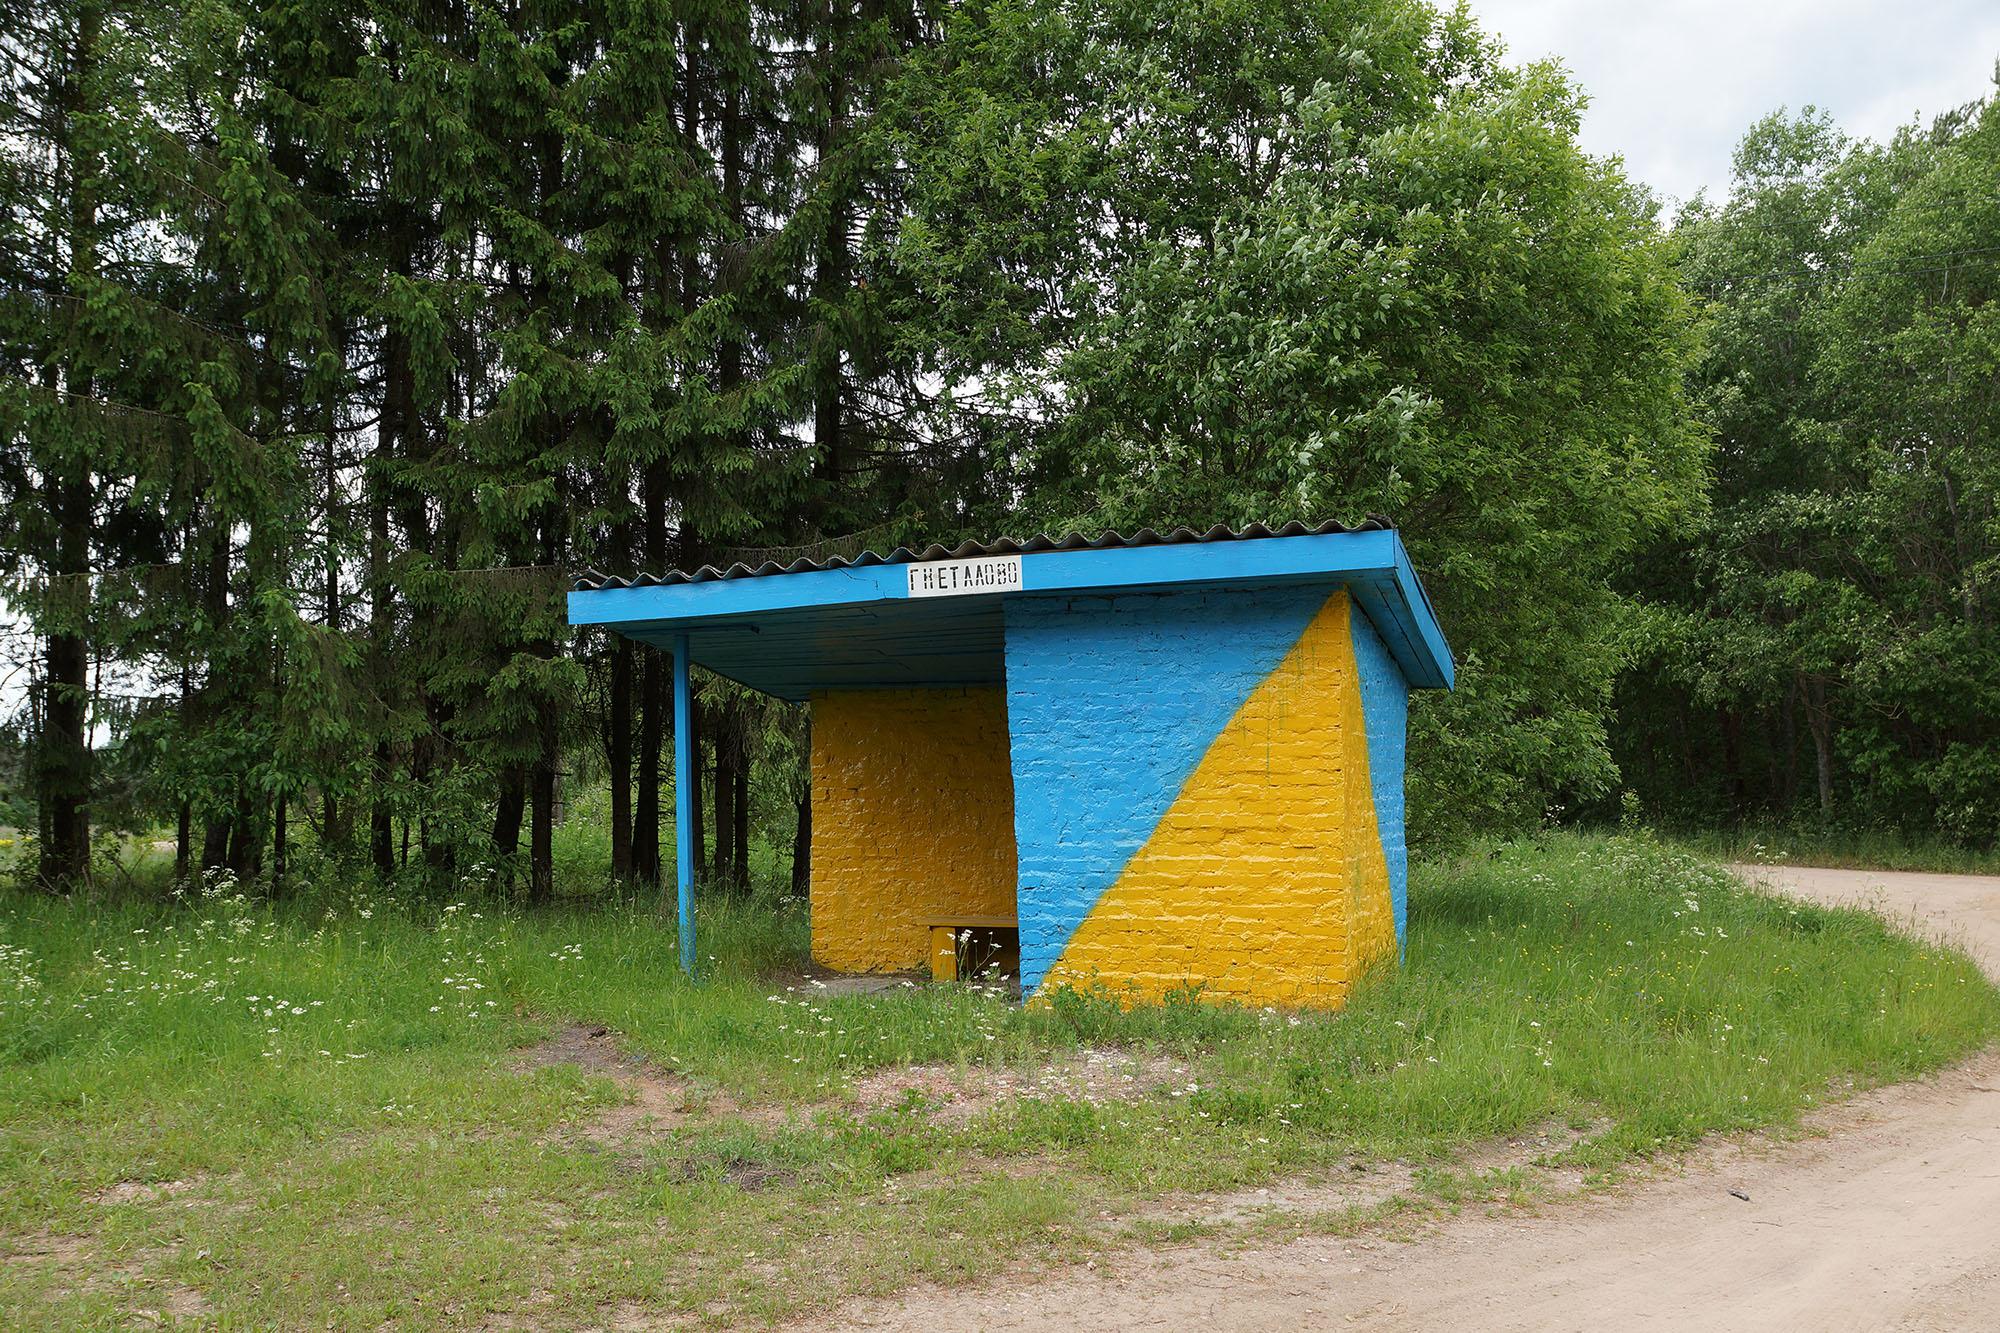 Гнеталово, Бежаницкий район, Псковская область.